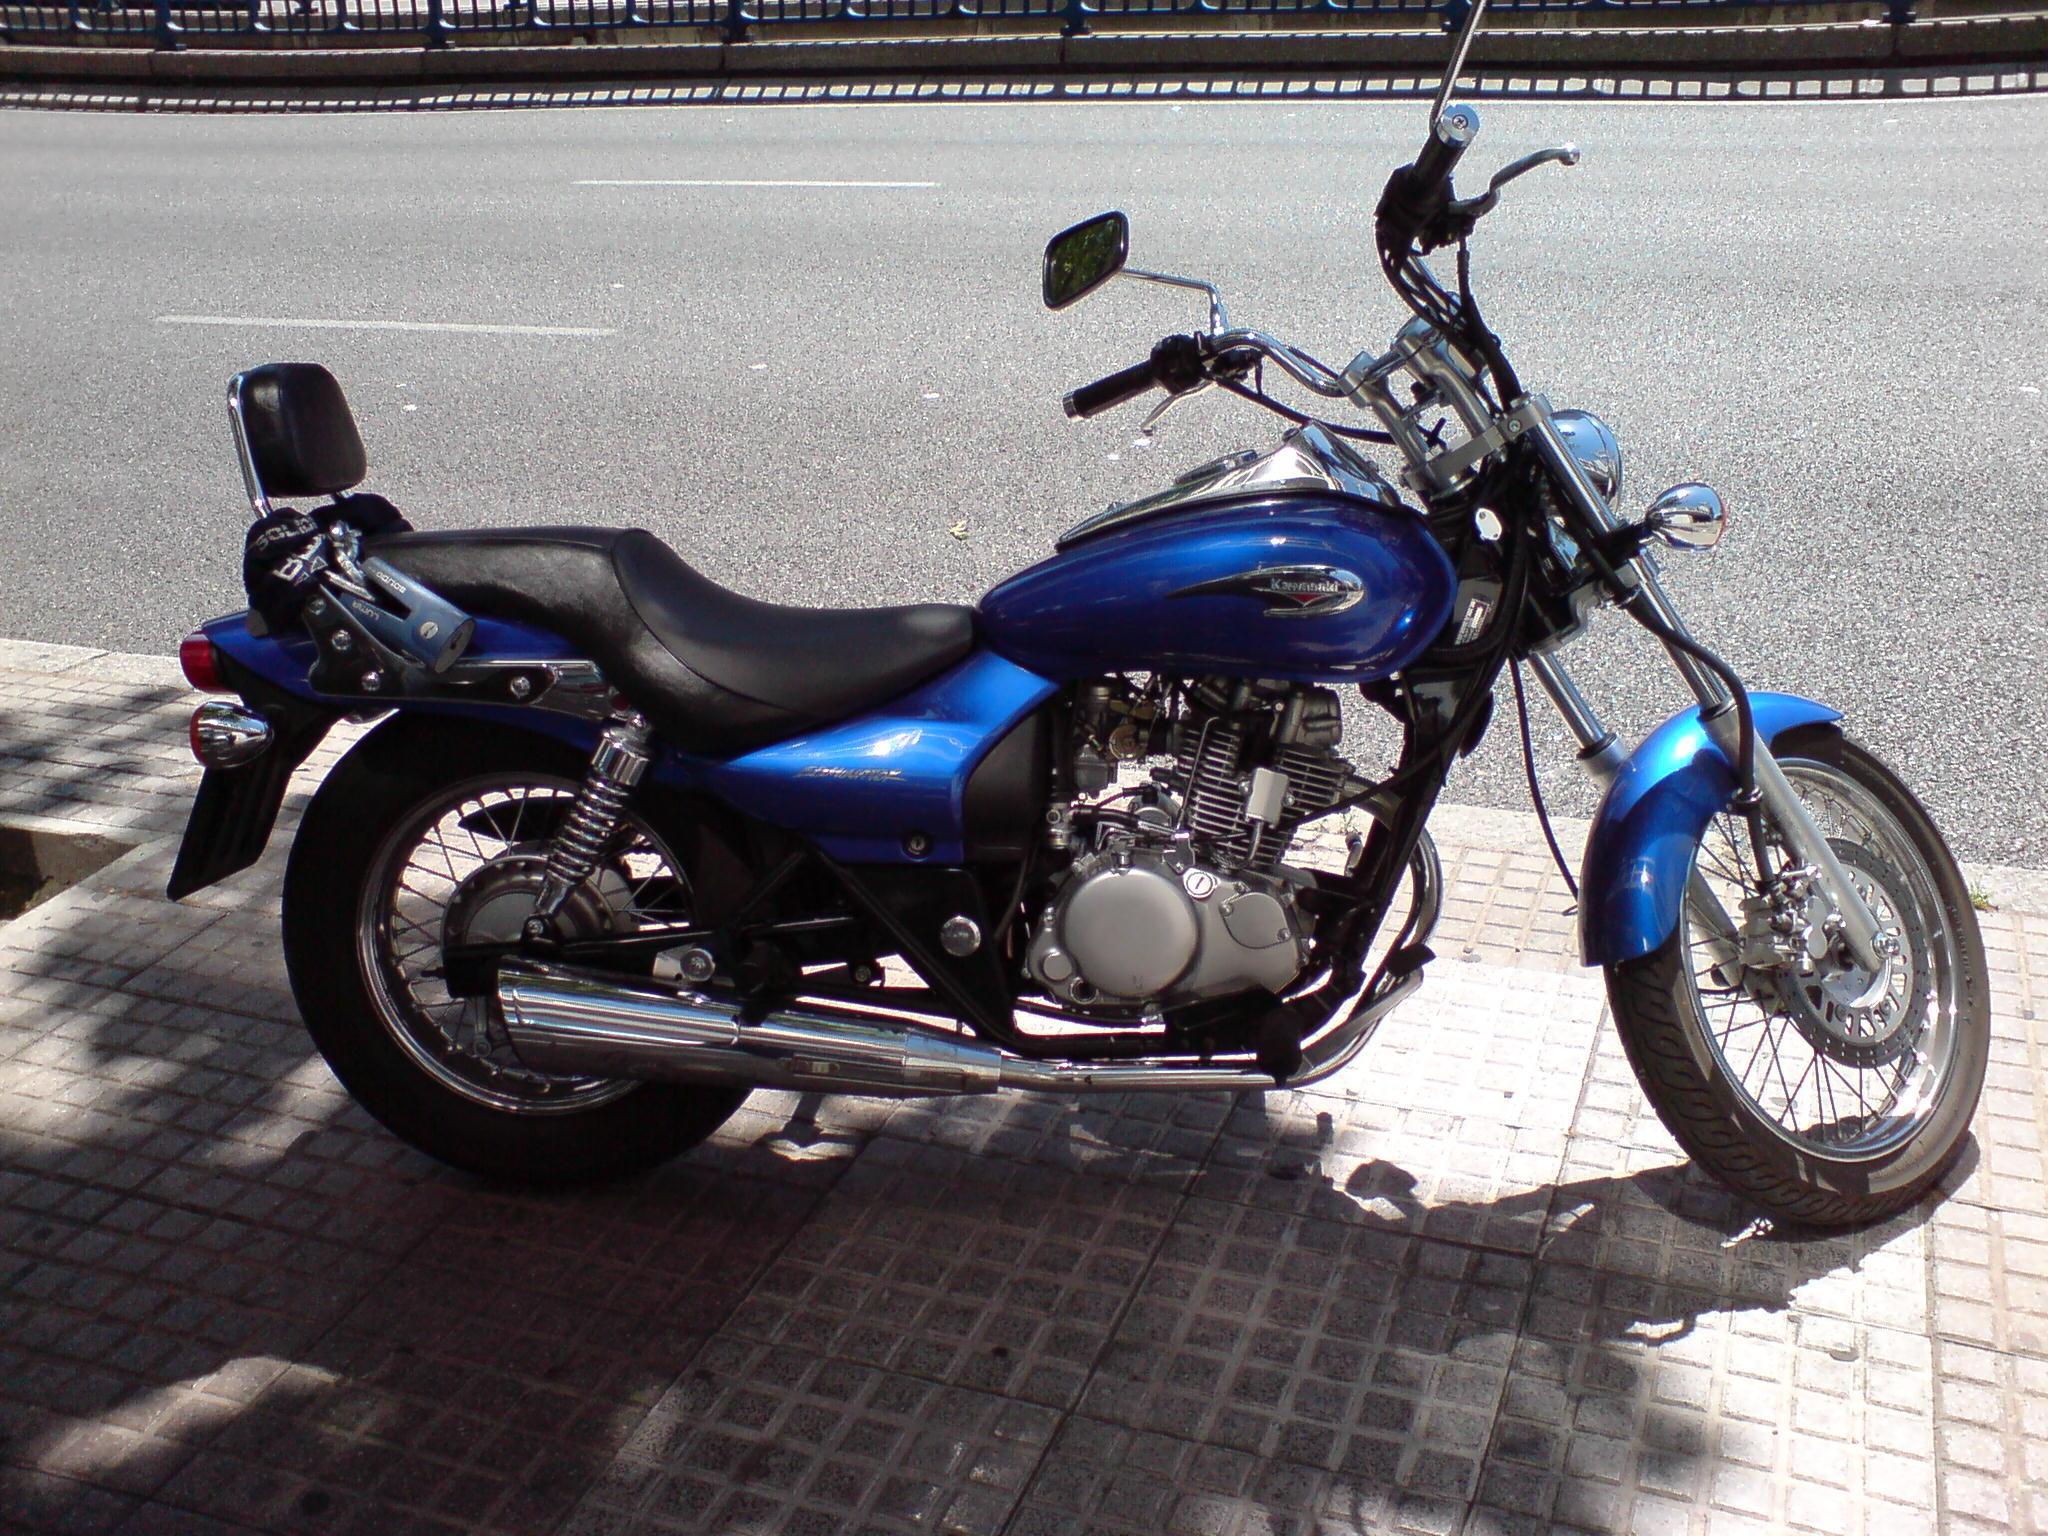 Beautiful Bike Suzuki Marauder 125 Wallpapers And Images